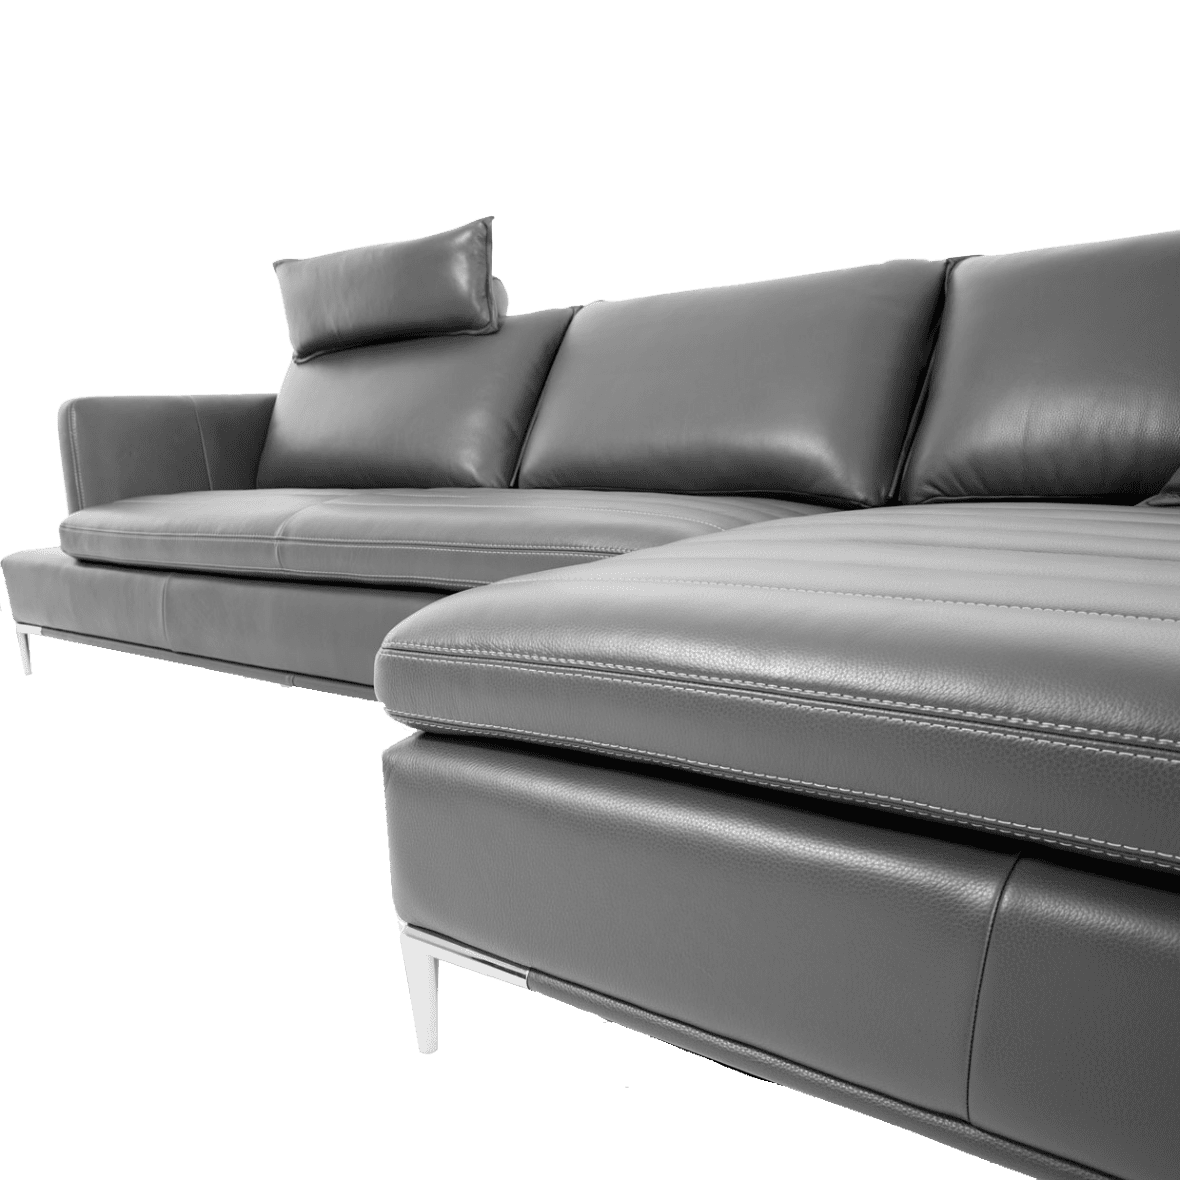 Lazzio угловой кожаный диван, Graphite